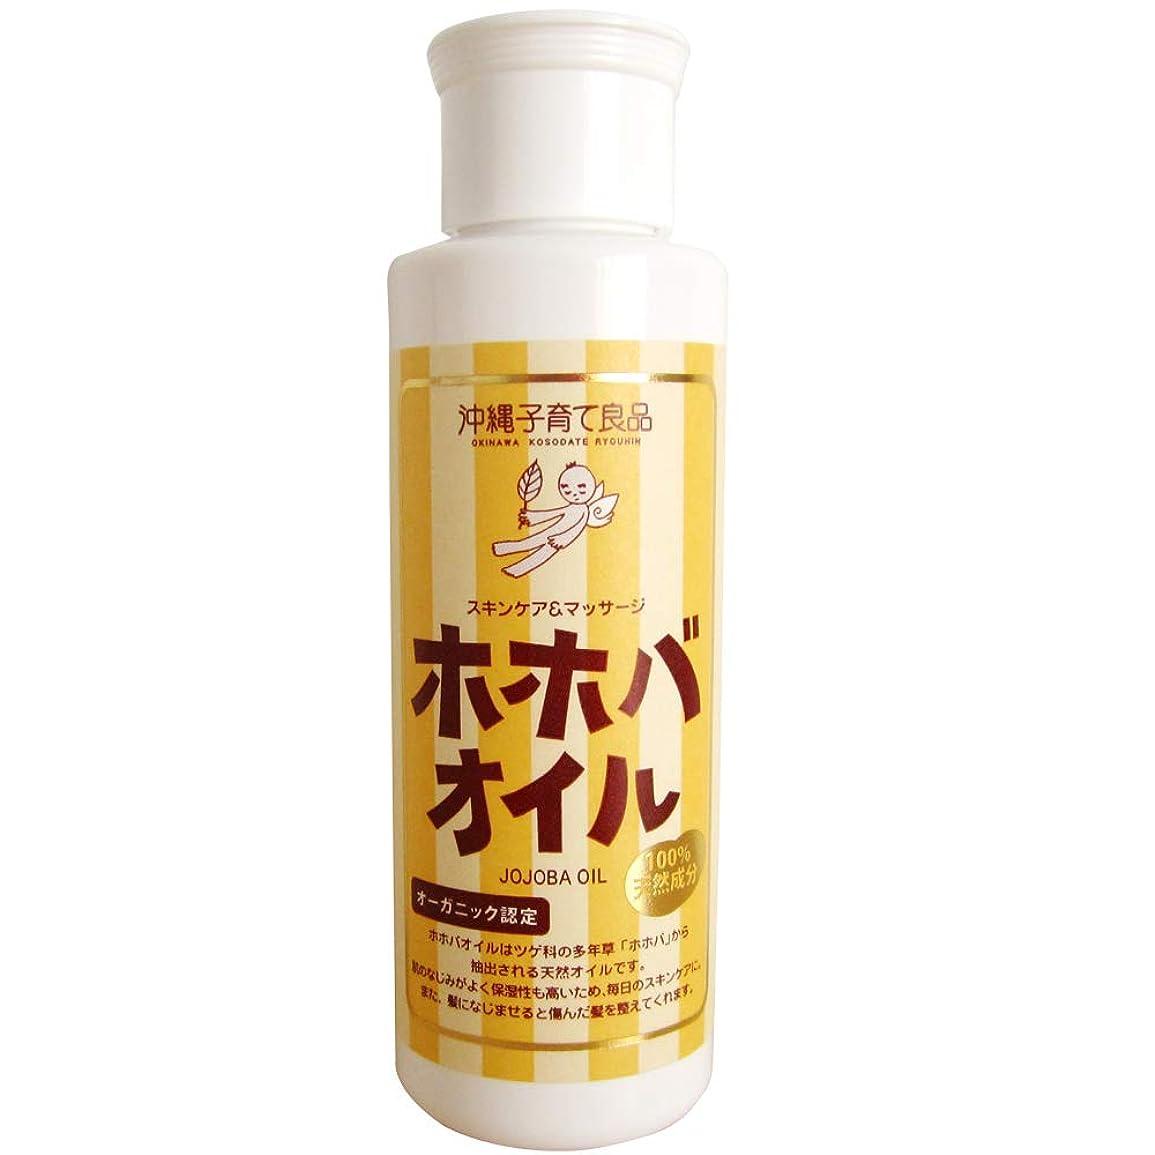 一時的クレアおとうさんホホバオイル/jojoba oil (100ml)